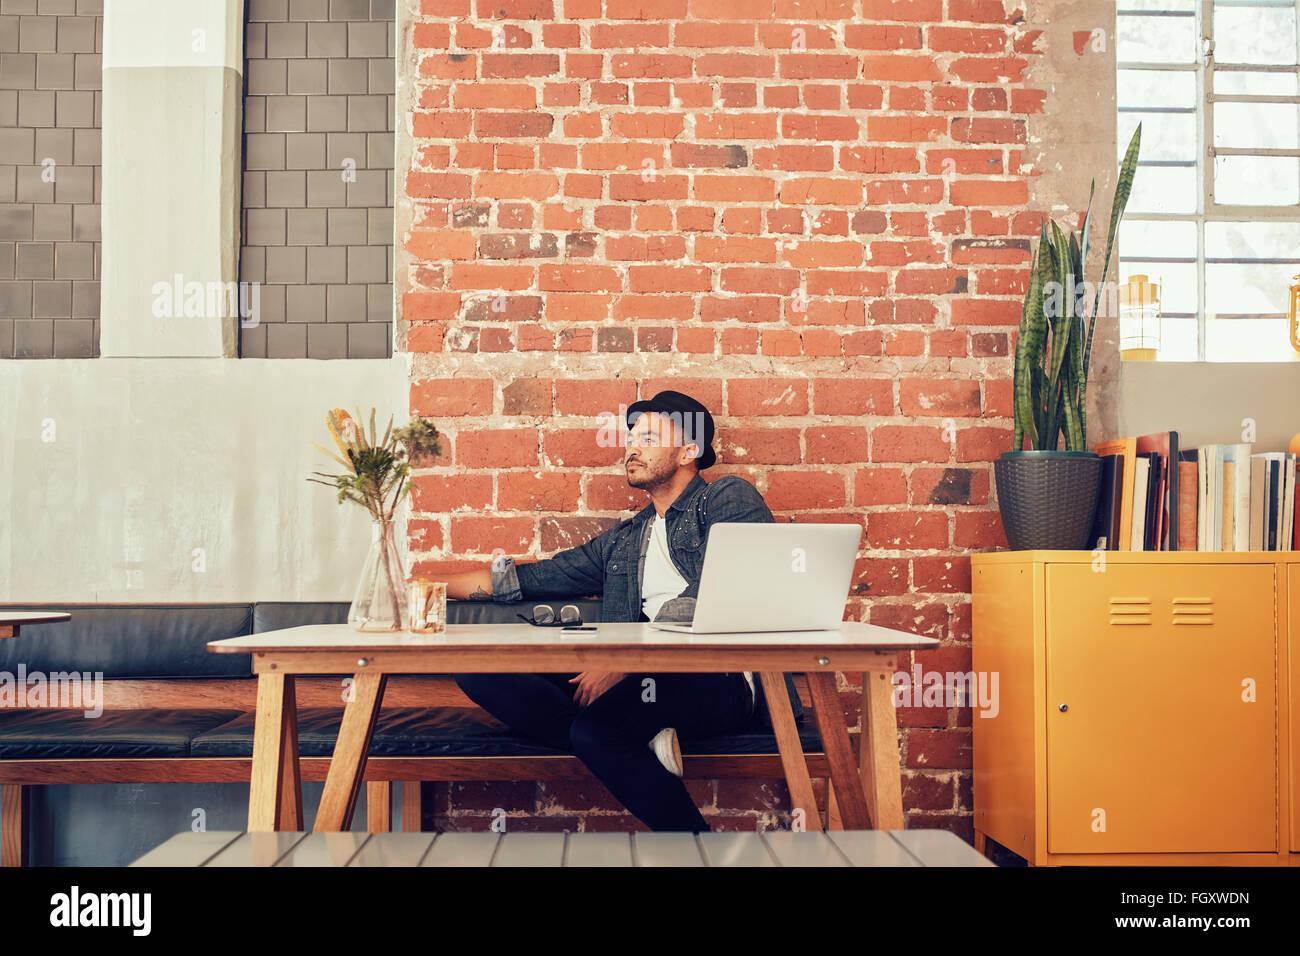 Portrait de jeune homme assis seul dans un café avec un ordinateur portable sur la table. Man l'attente Photo Stock